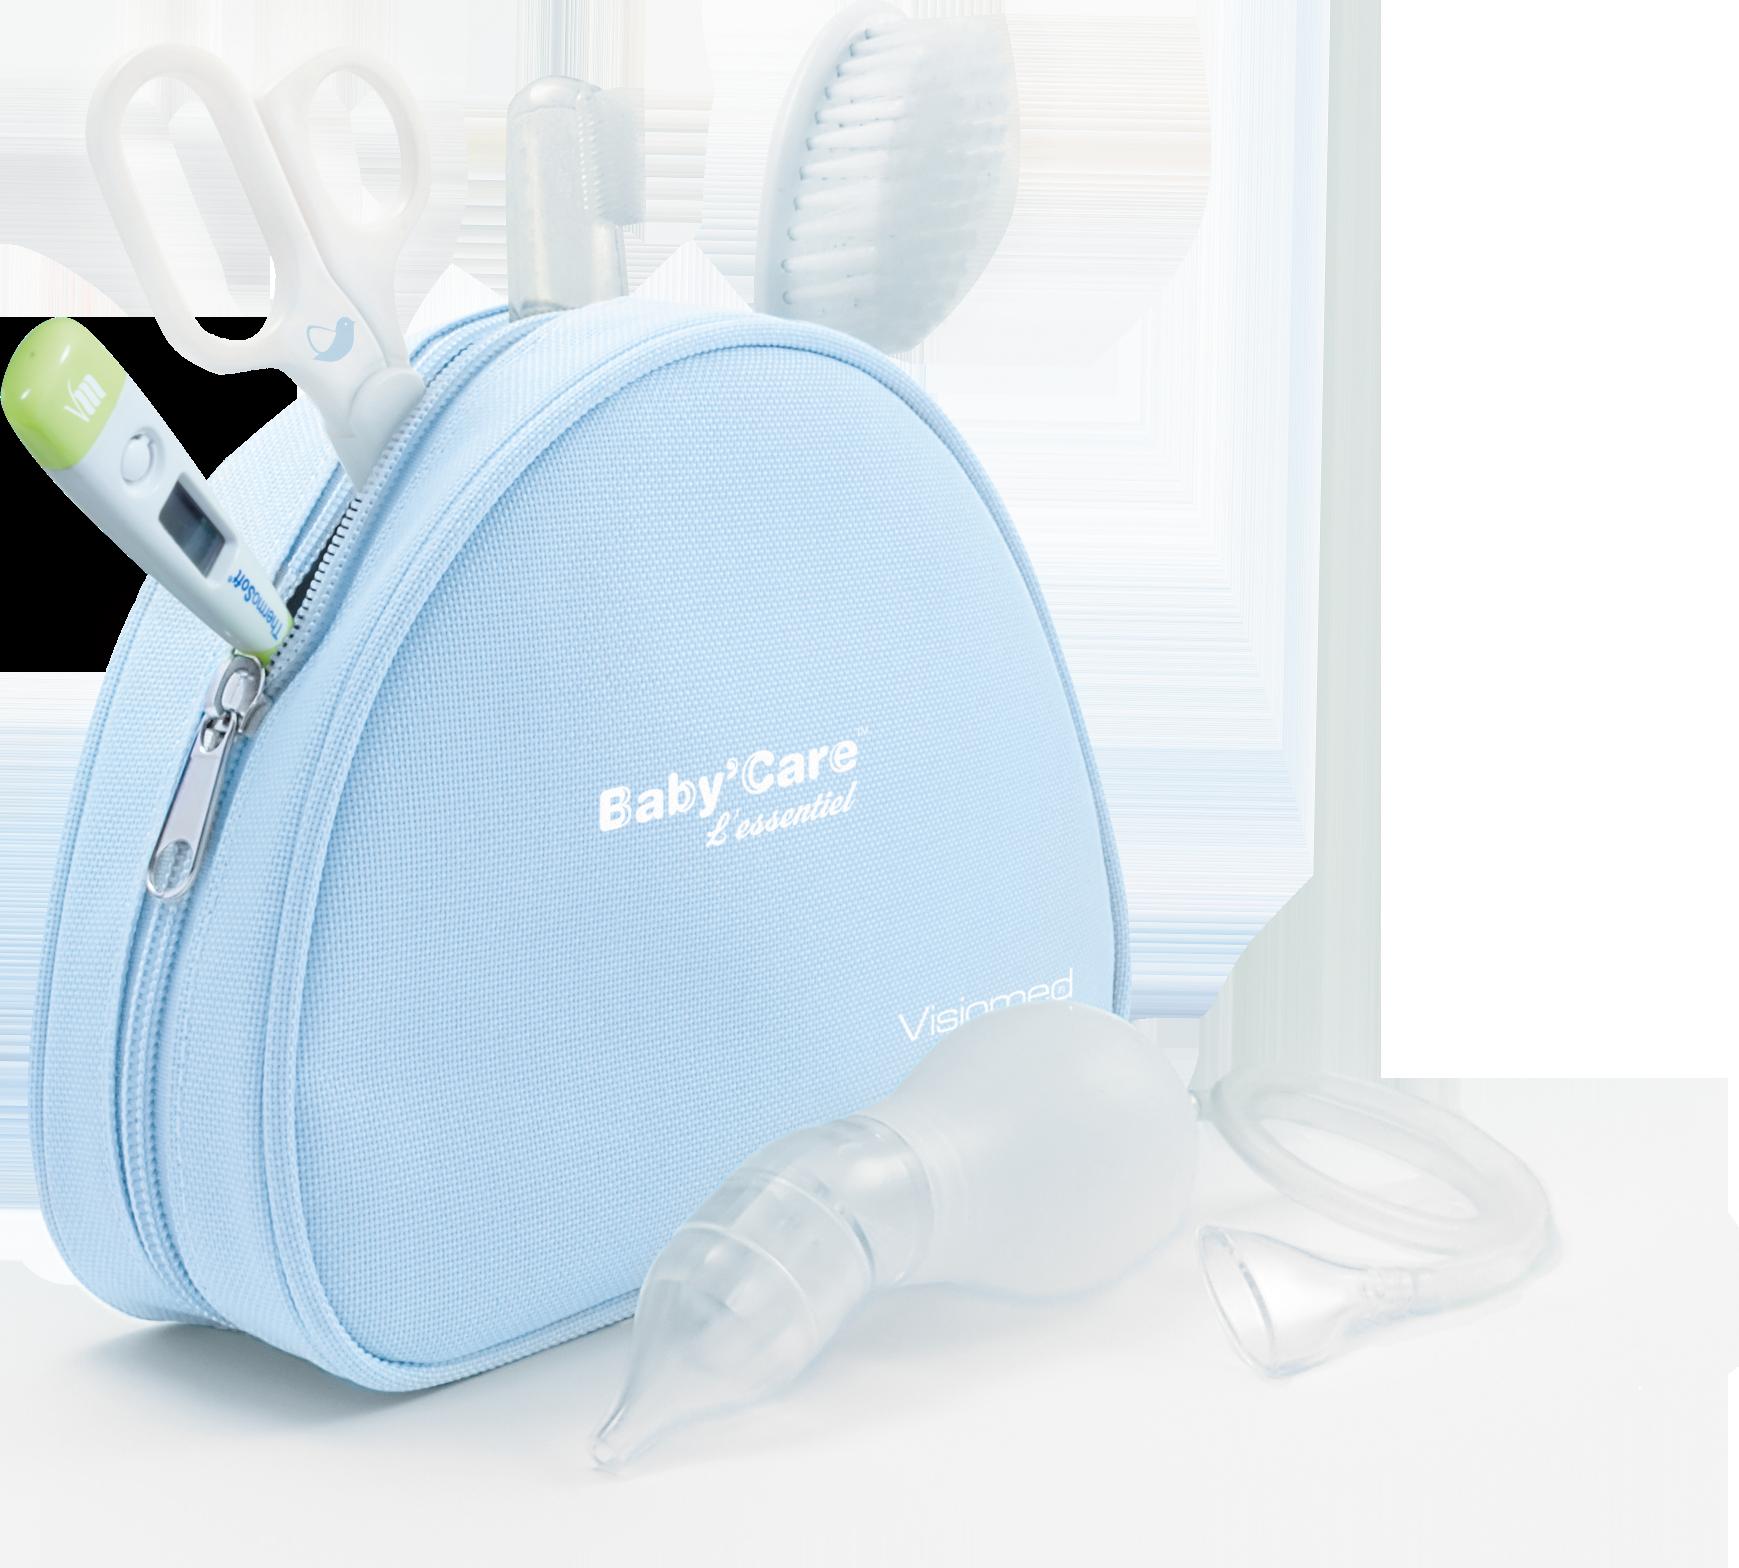 Trousse De Toilette 5 Accessoires Babycare L'Essentiel FJ23YSK